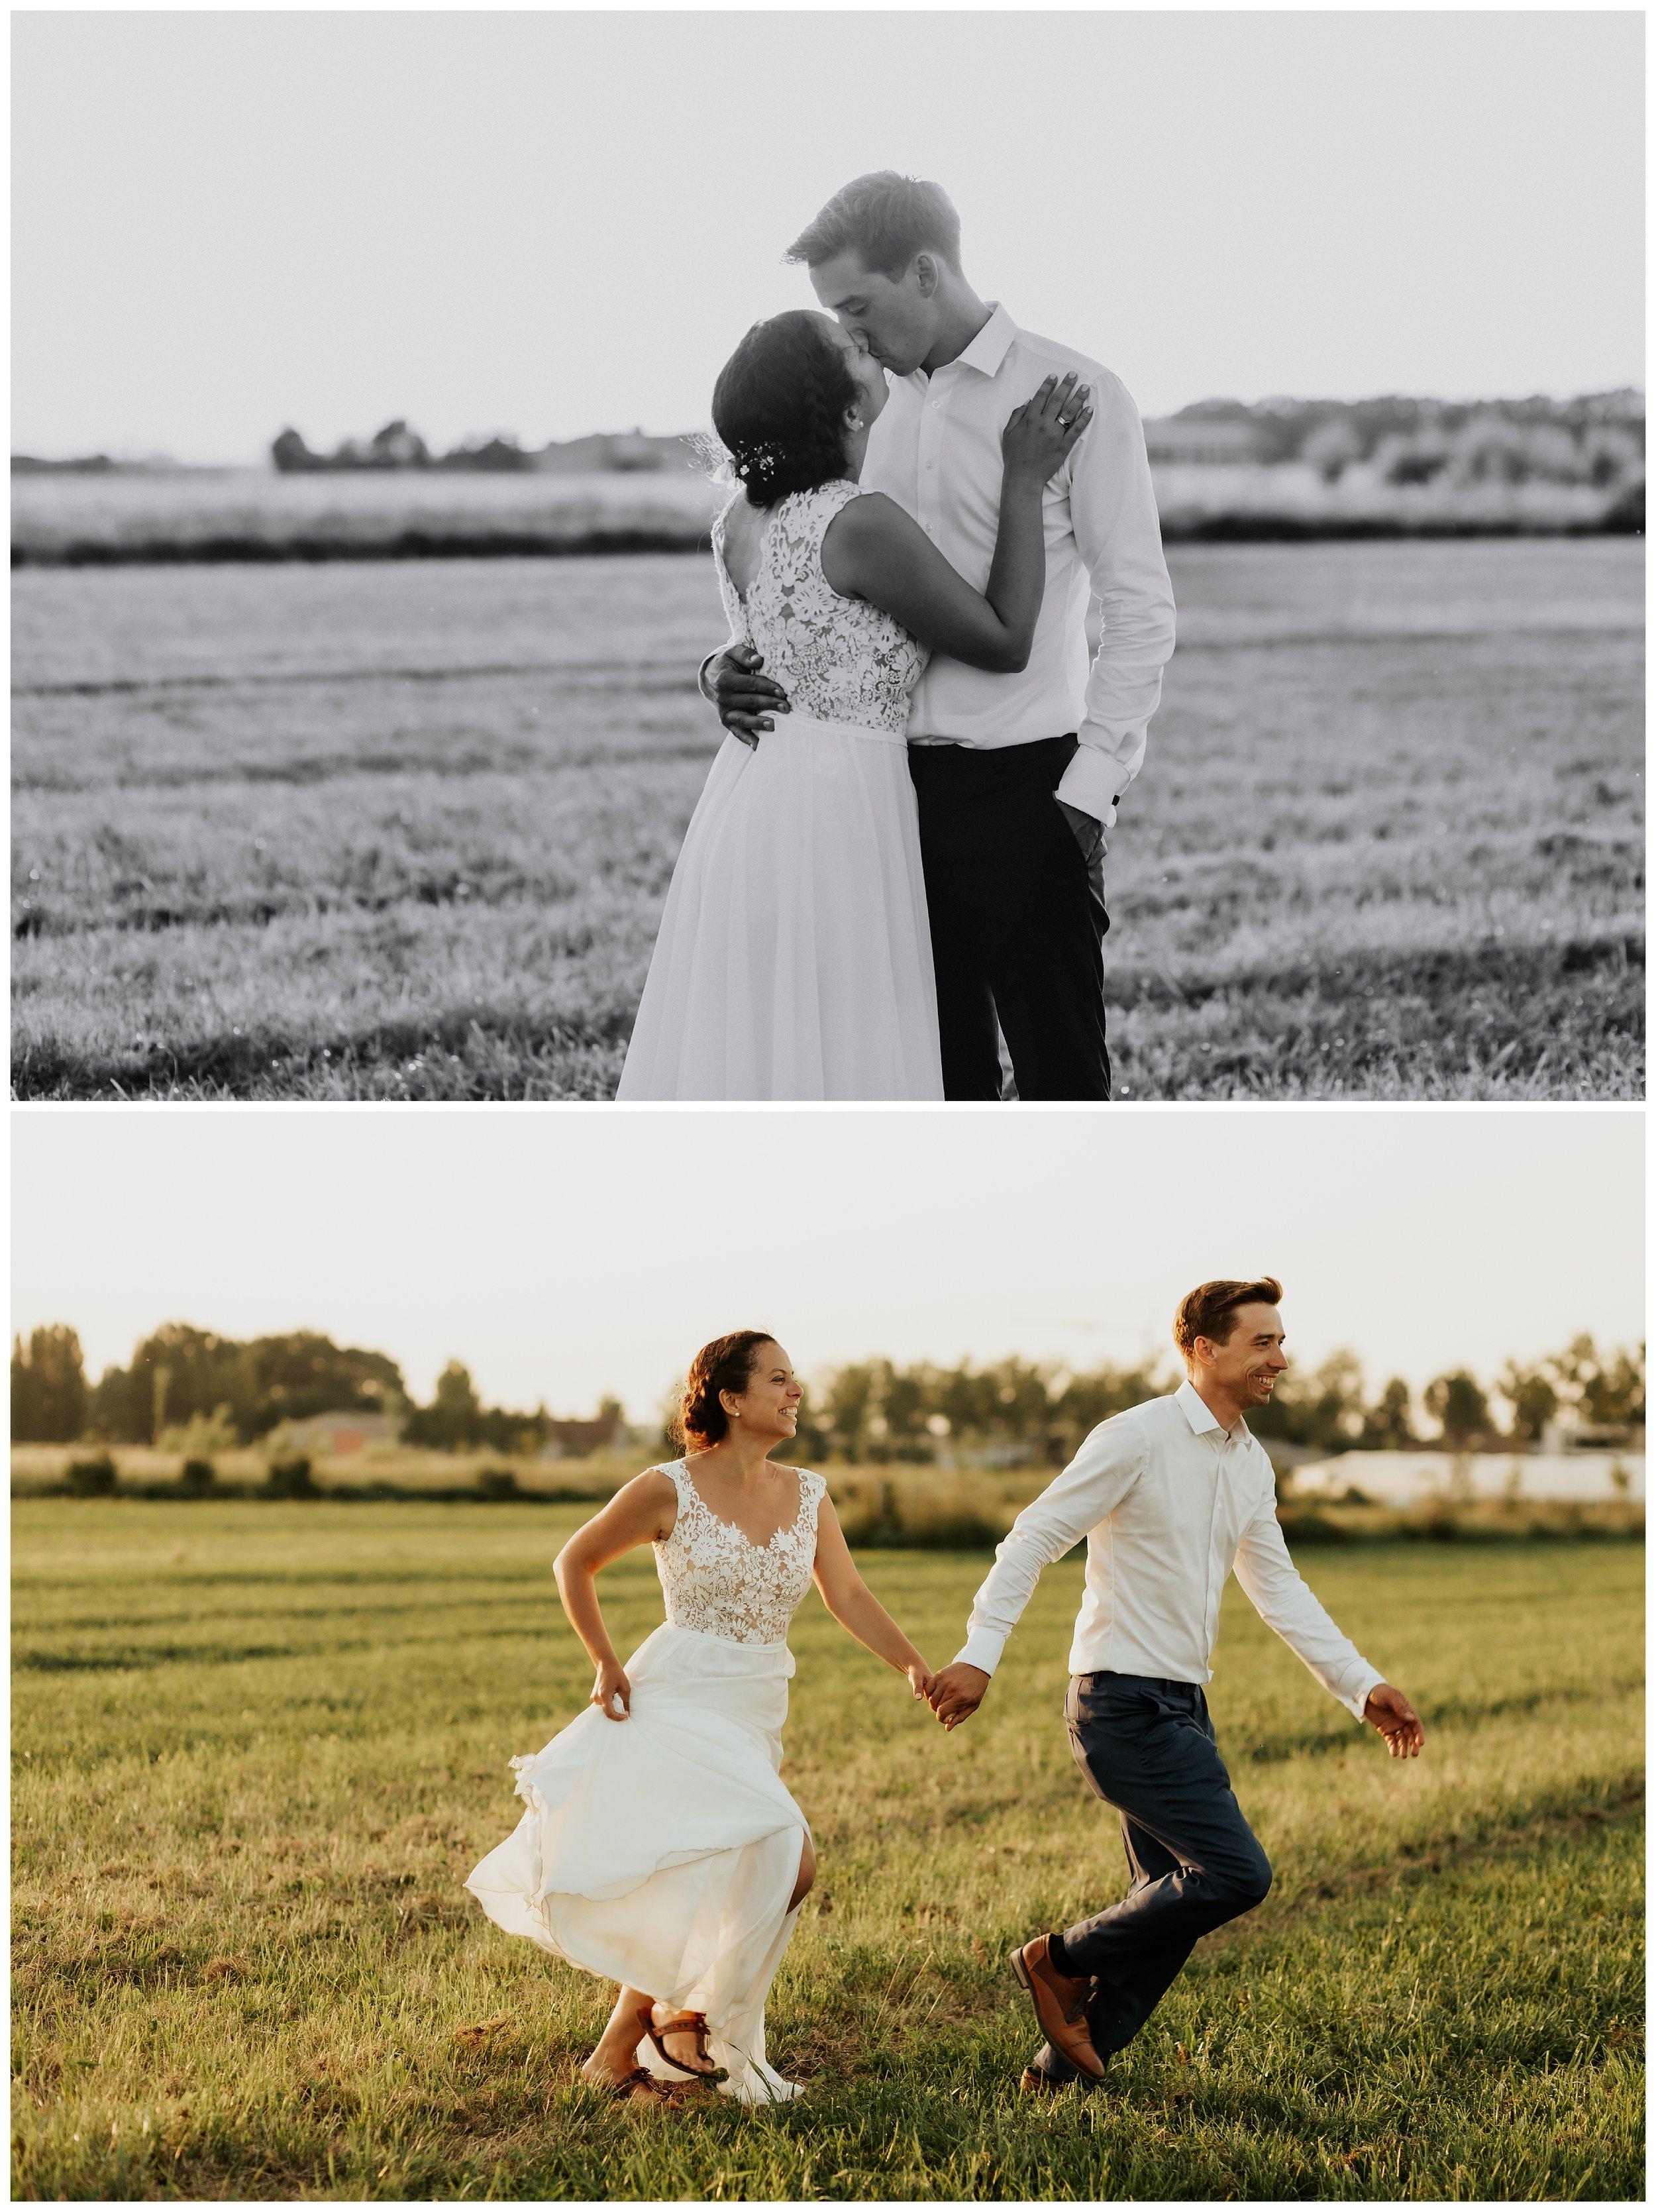 huwelijksfotograaf-huwelijksfotografie-knokke-heist-lisa-helsen-photography-trouwfotograaf-trouwfoto-sabine-pieter_0035.jpg